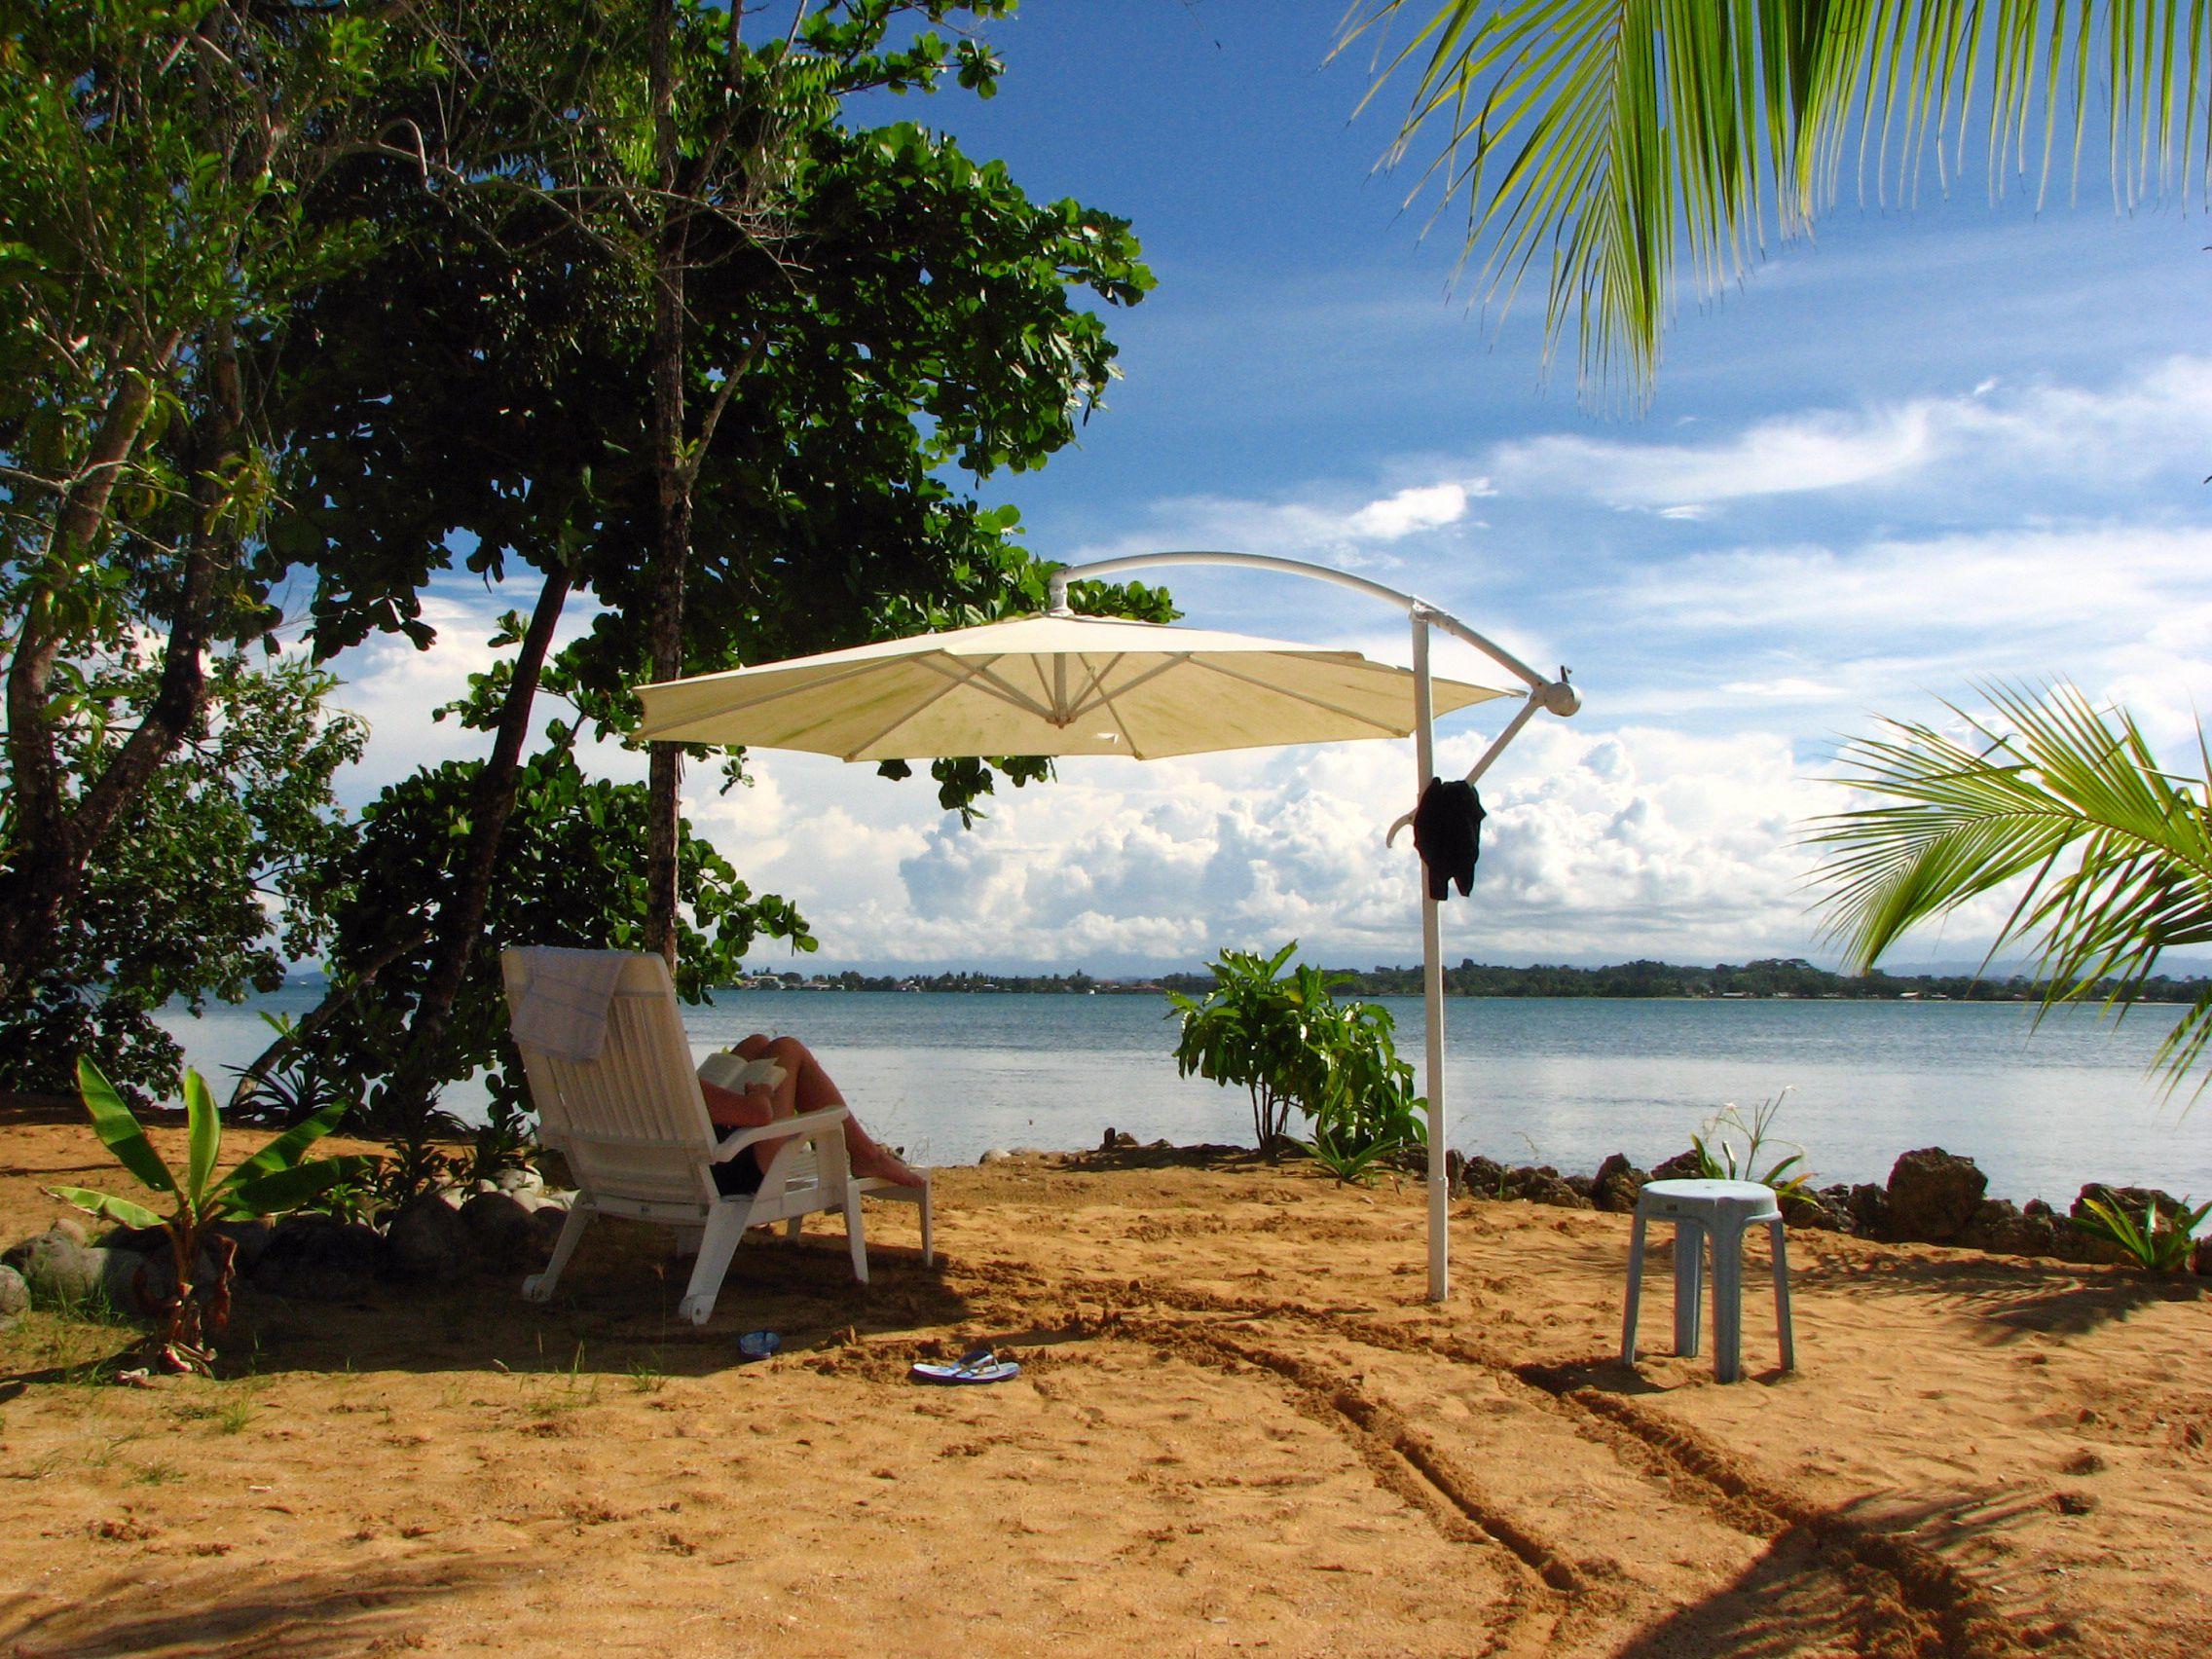 Vakantie_2008_1116